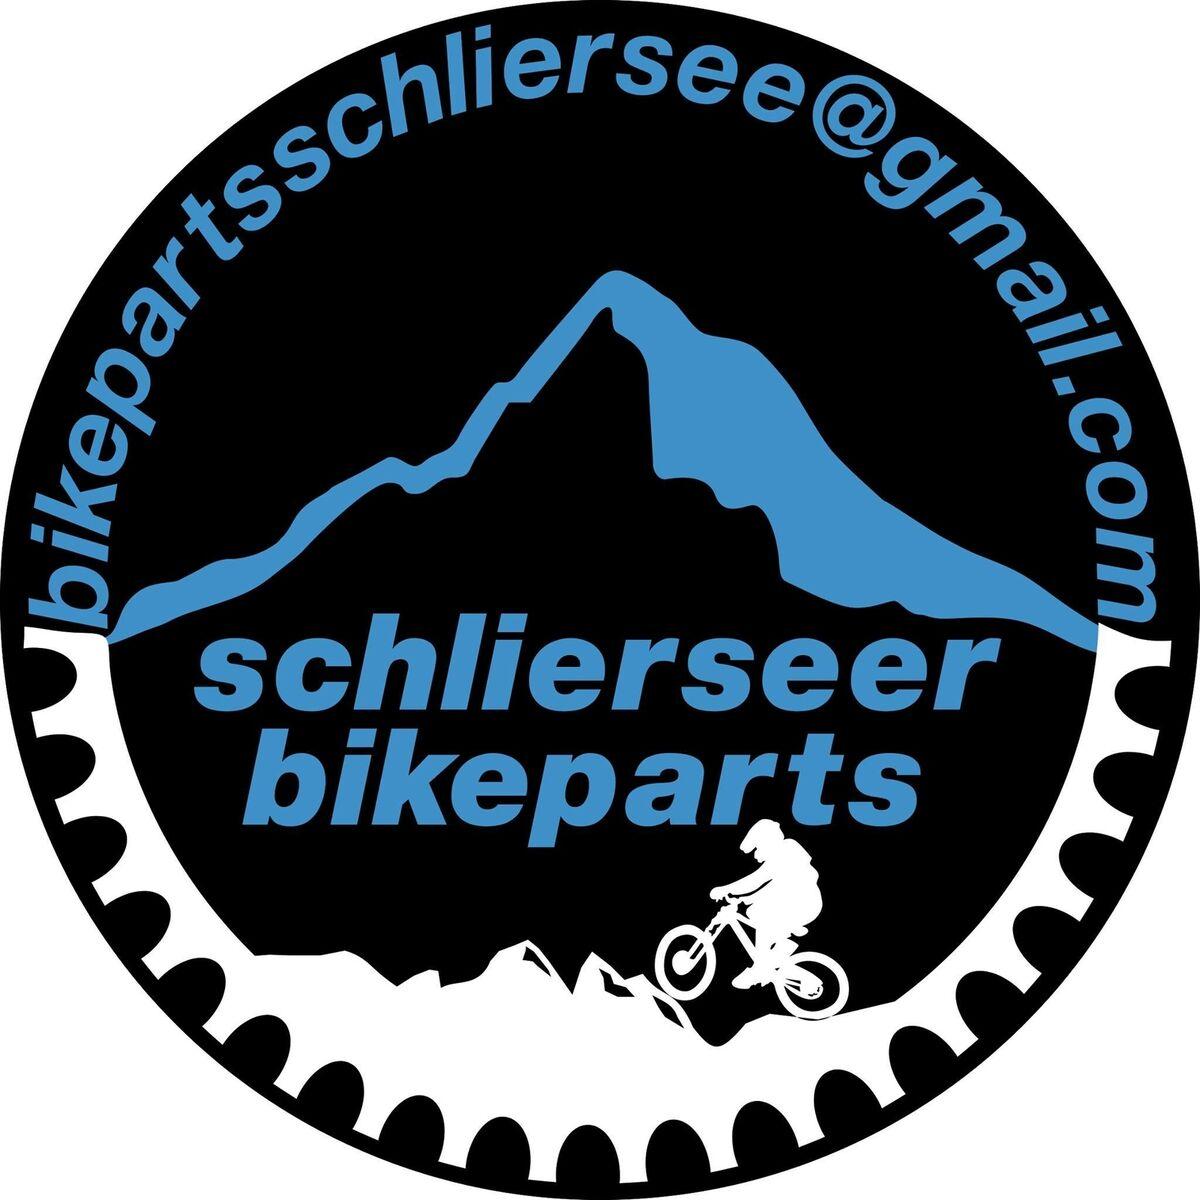 Schlierseer Bikeparts Onlineshop